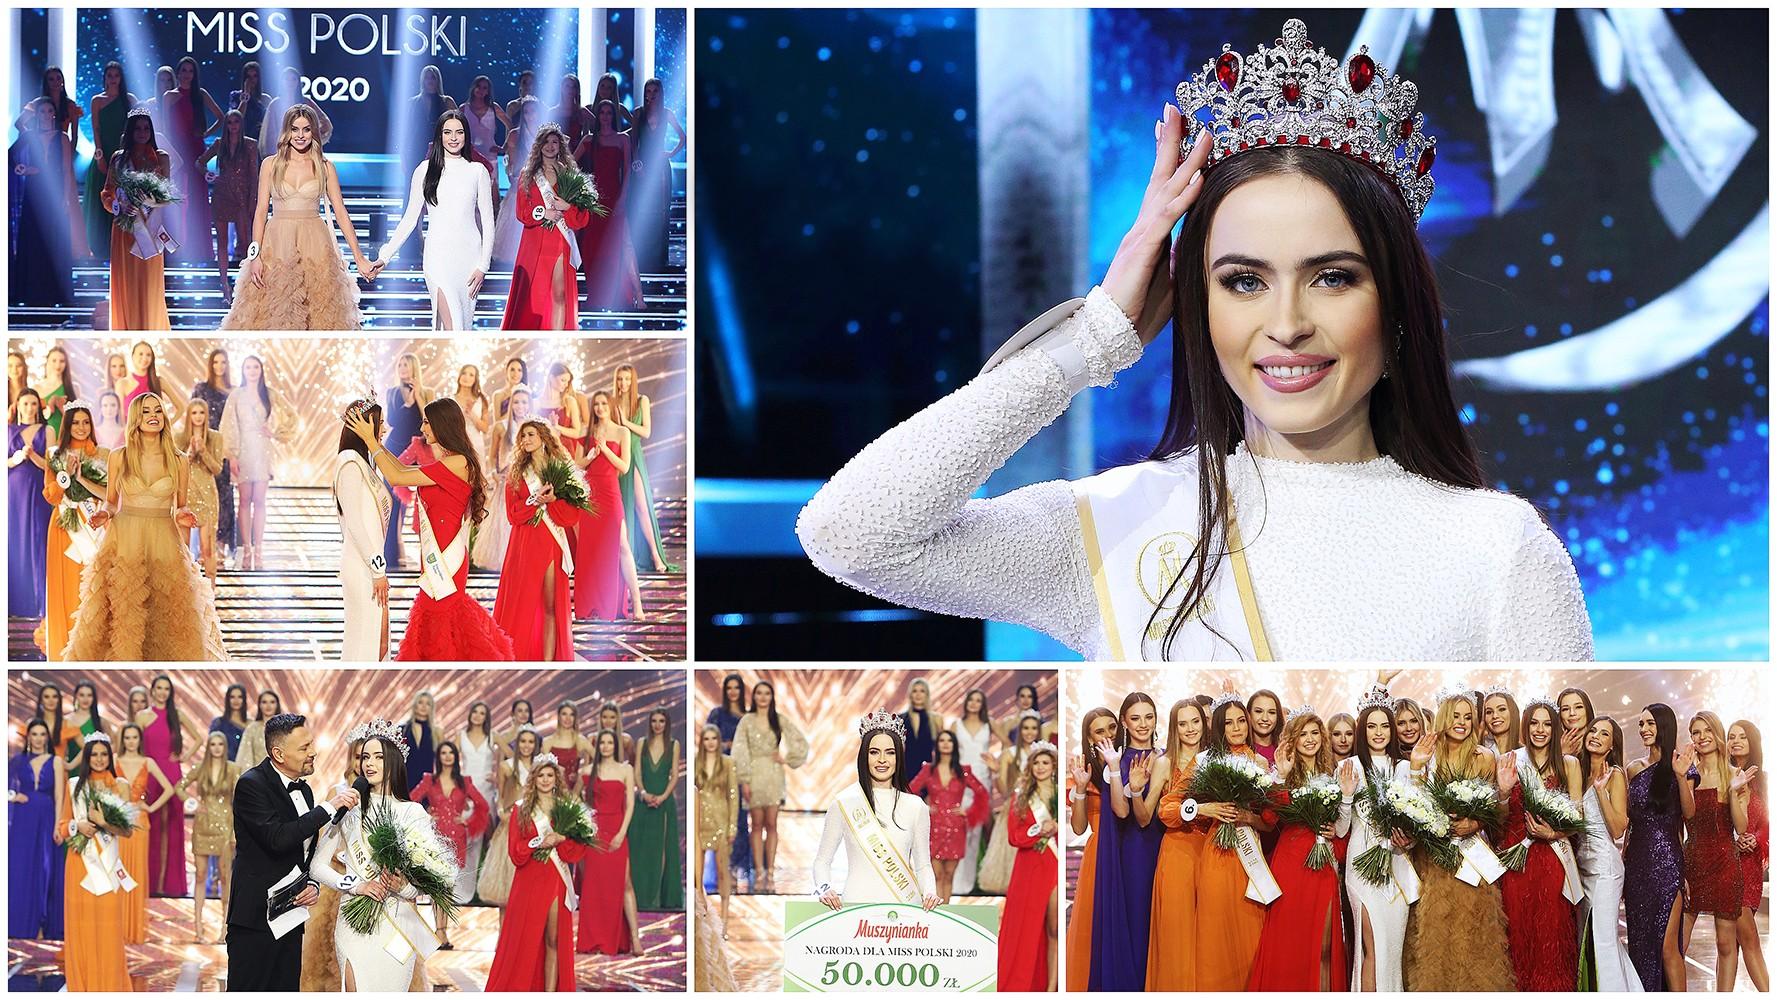 Miss Polski 2020: Mamy nową królową! Jak przebiegał finał?